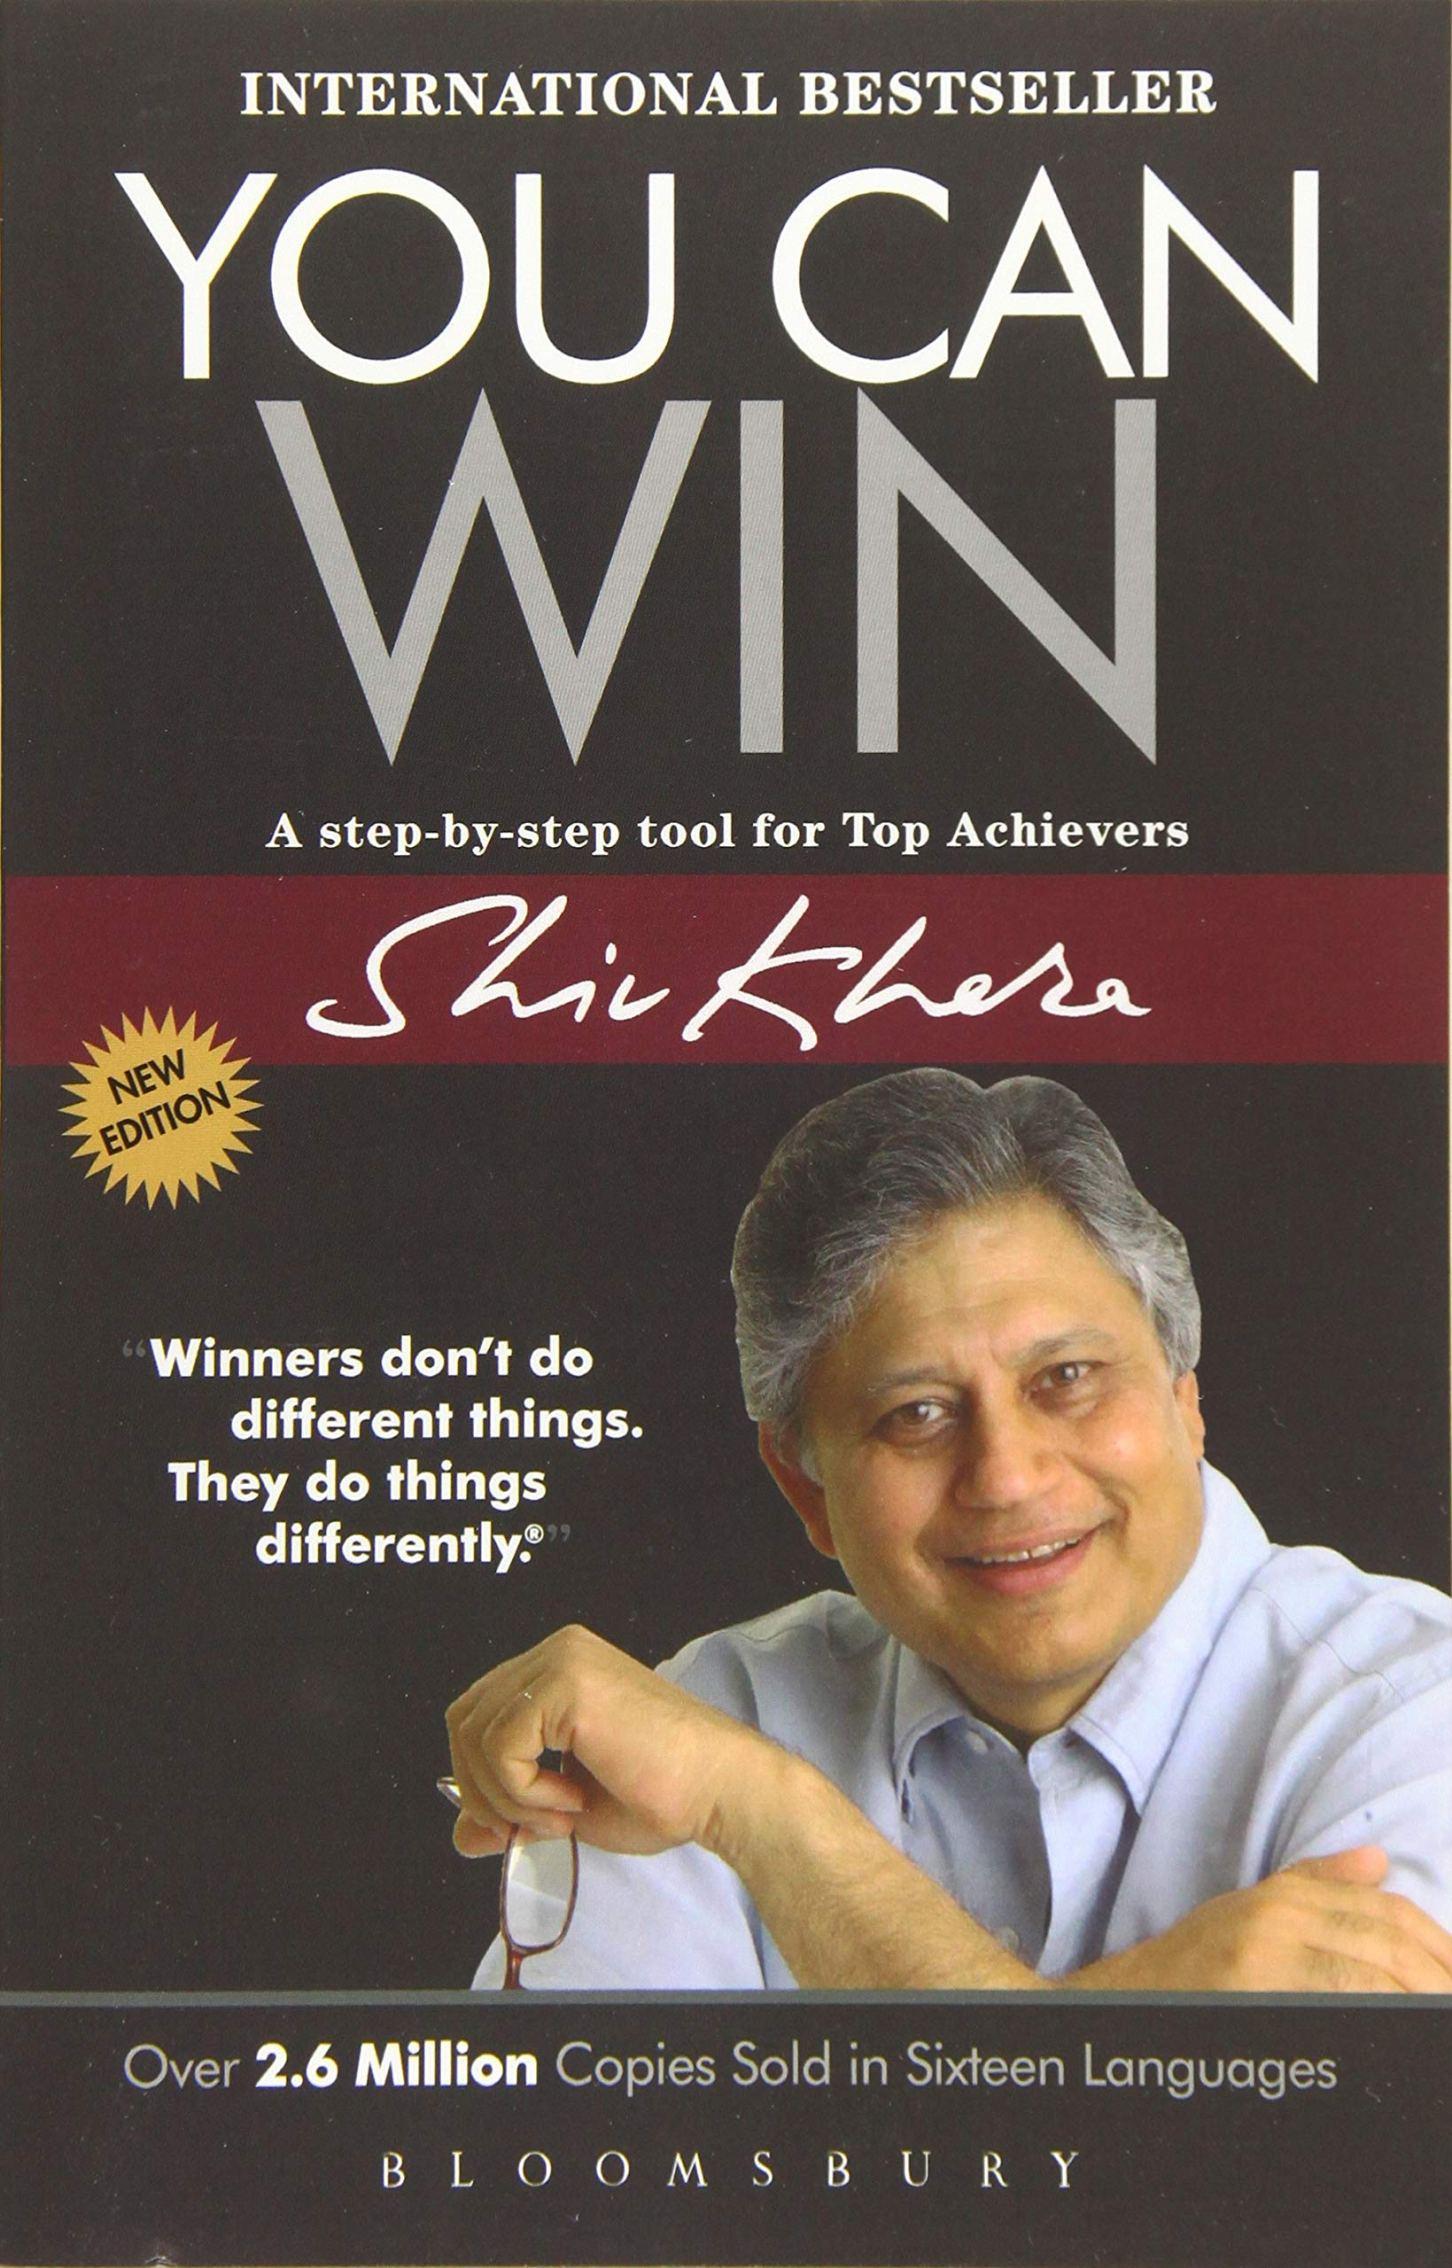 Motivational book by Shiv Khera